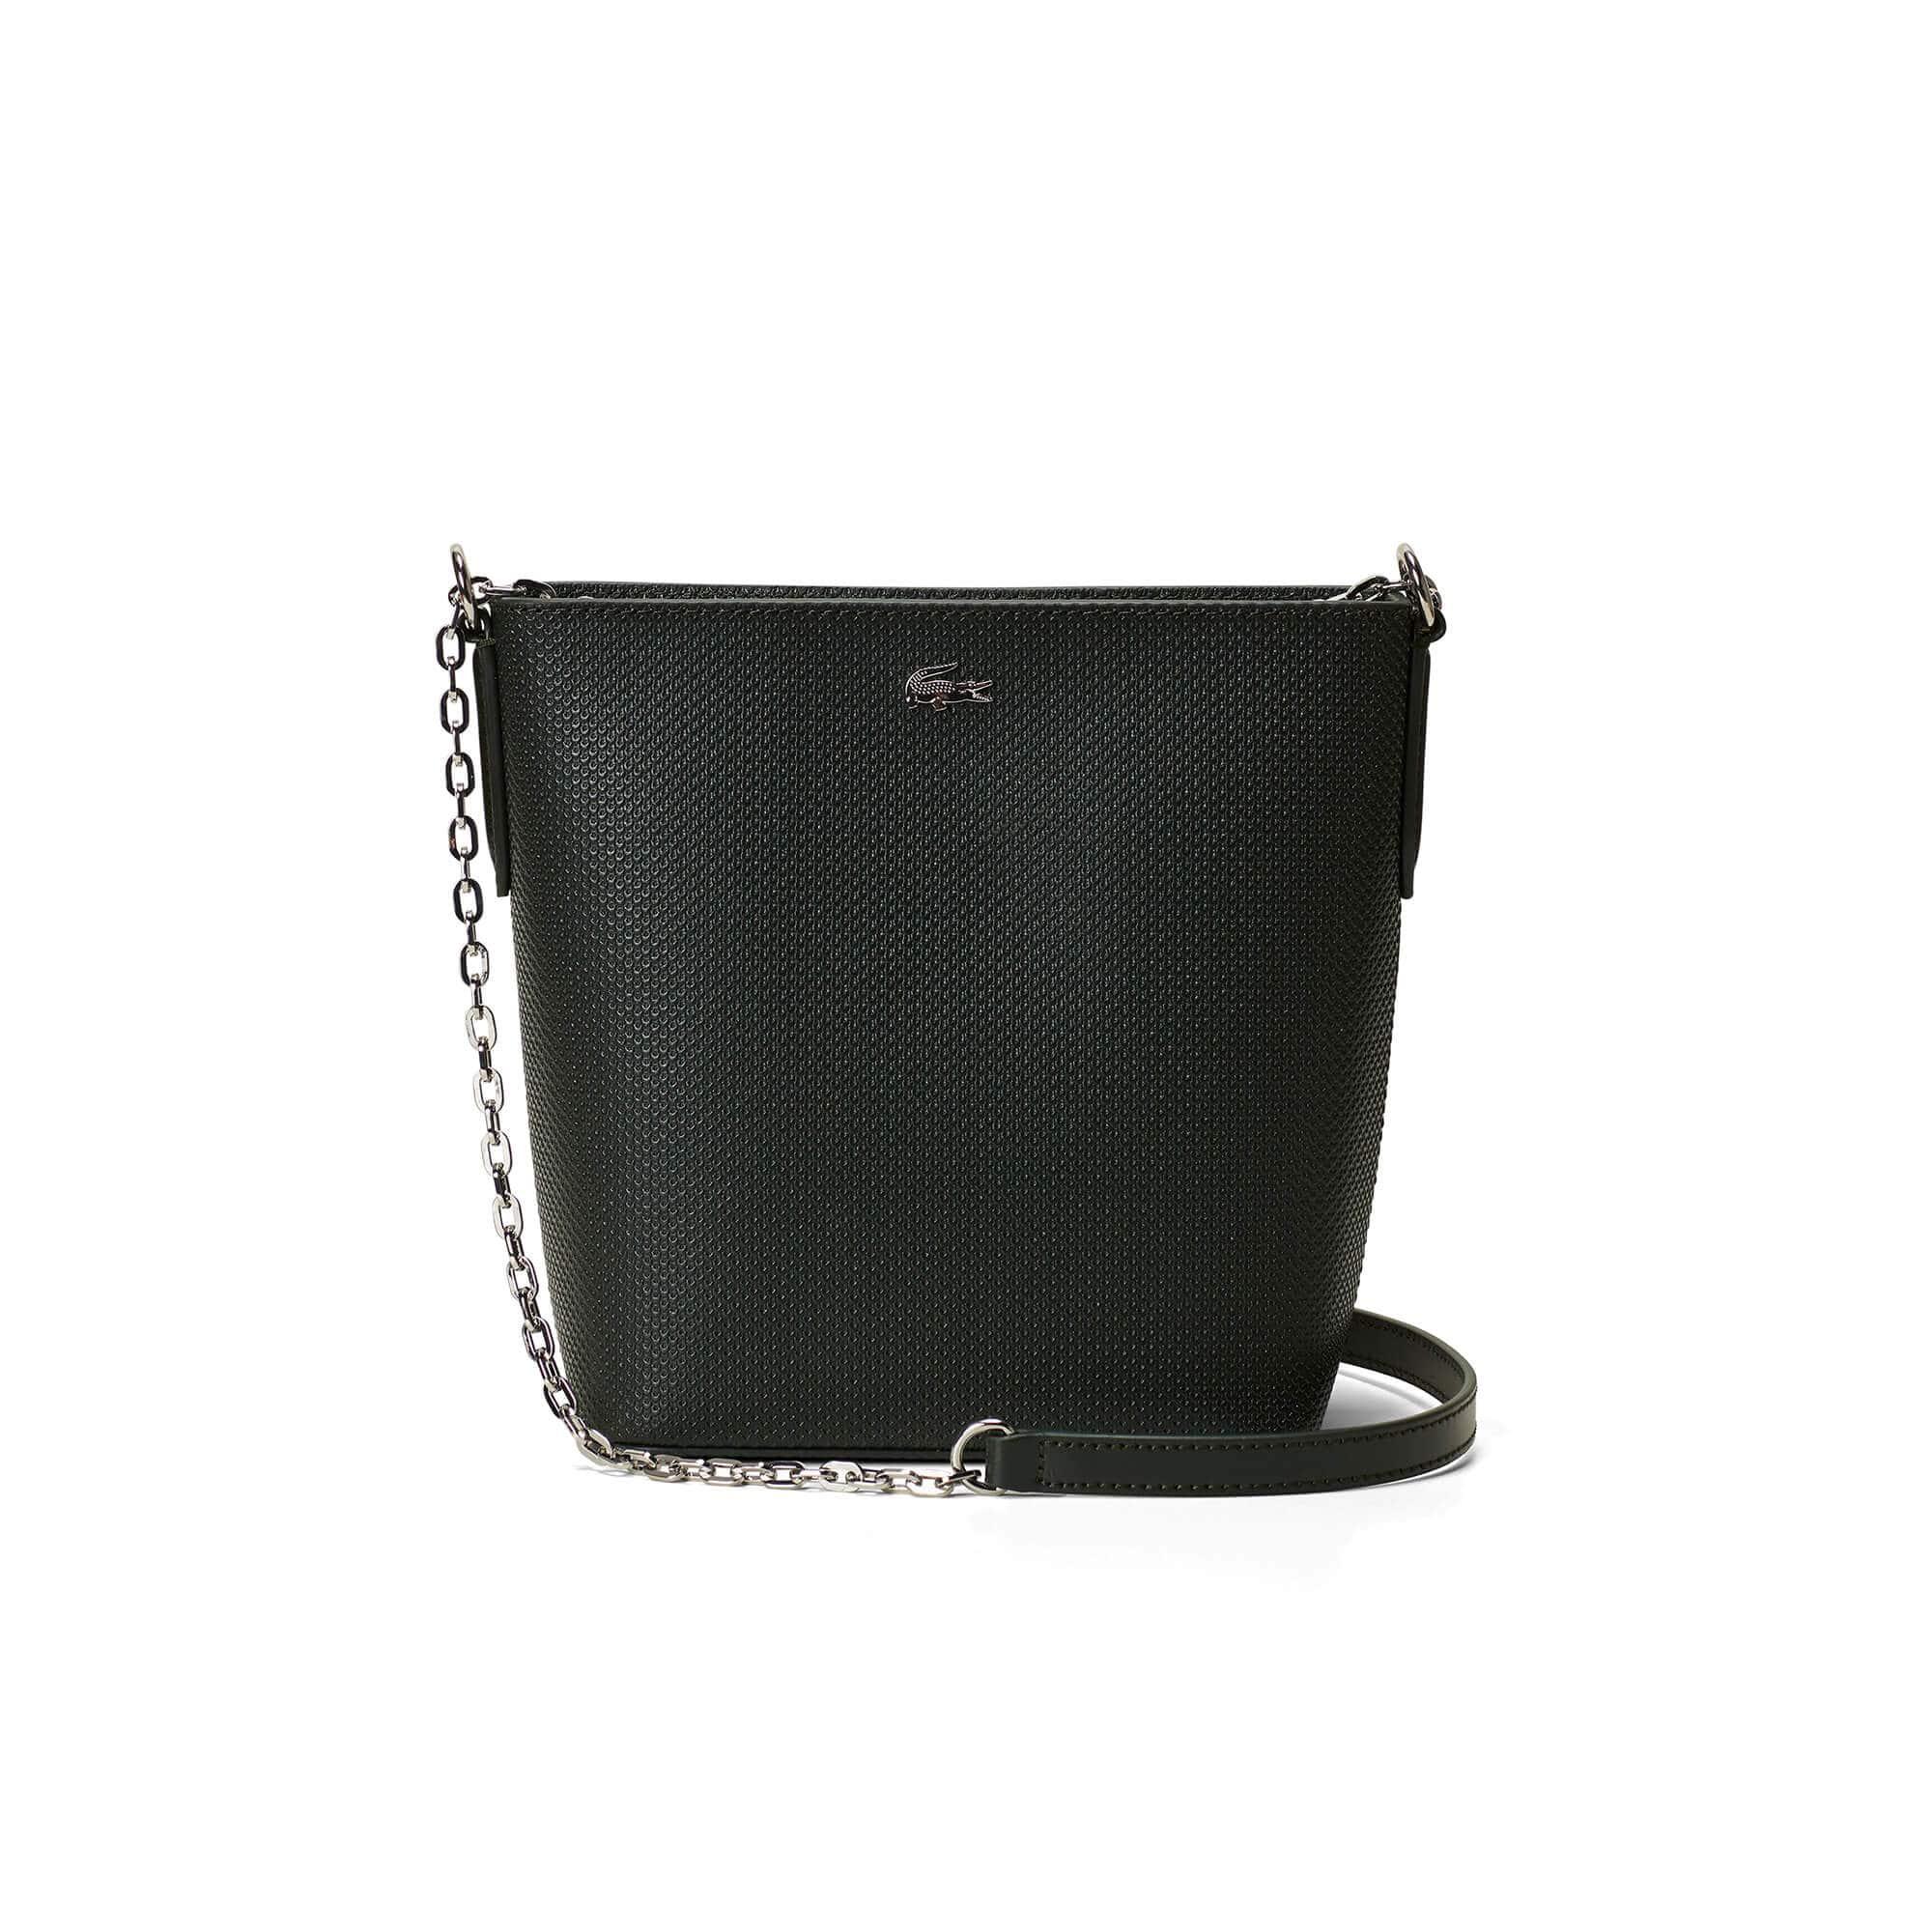 63ca6eff4 Coleção de Bolsas e Bolsas de Mão | Leather Goods Femininos | LACOSTE